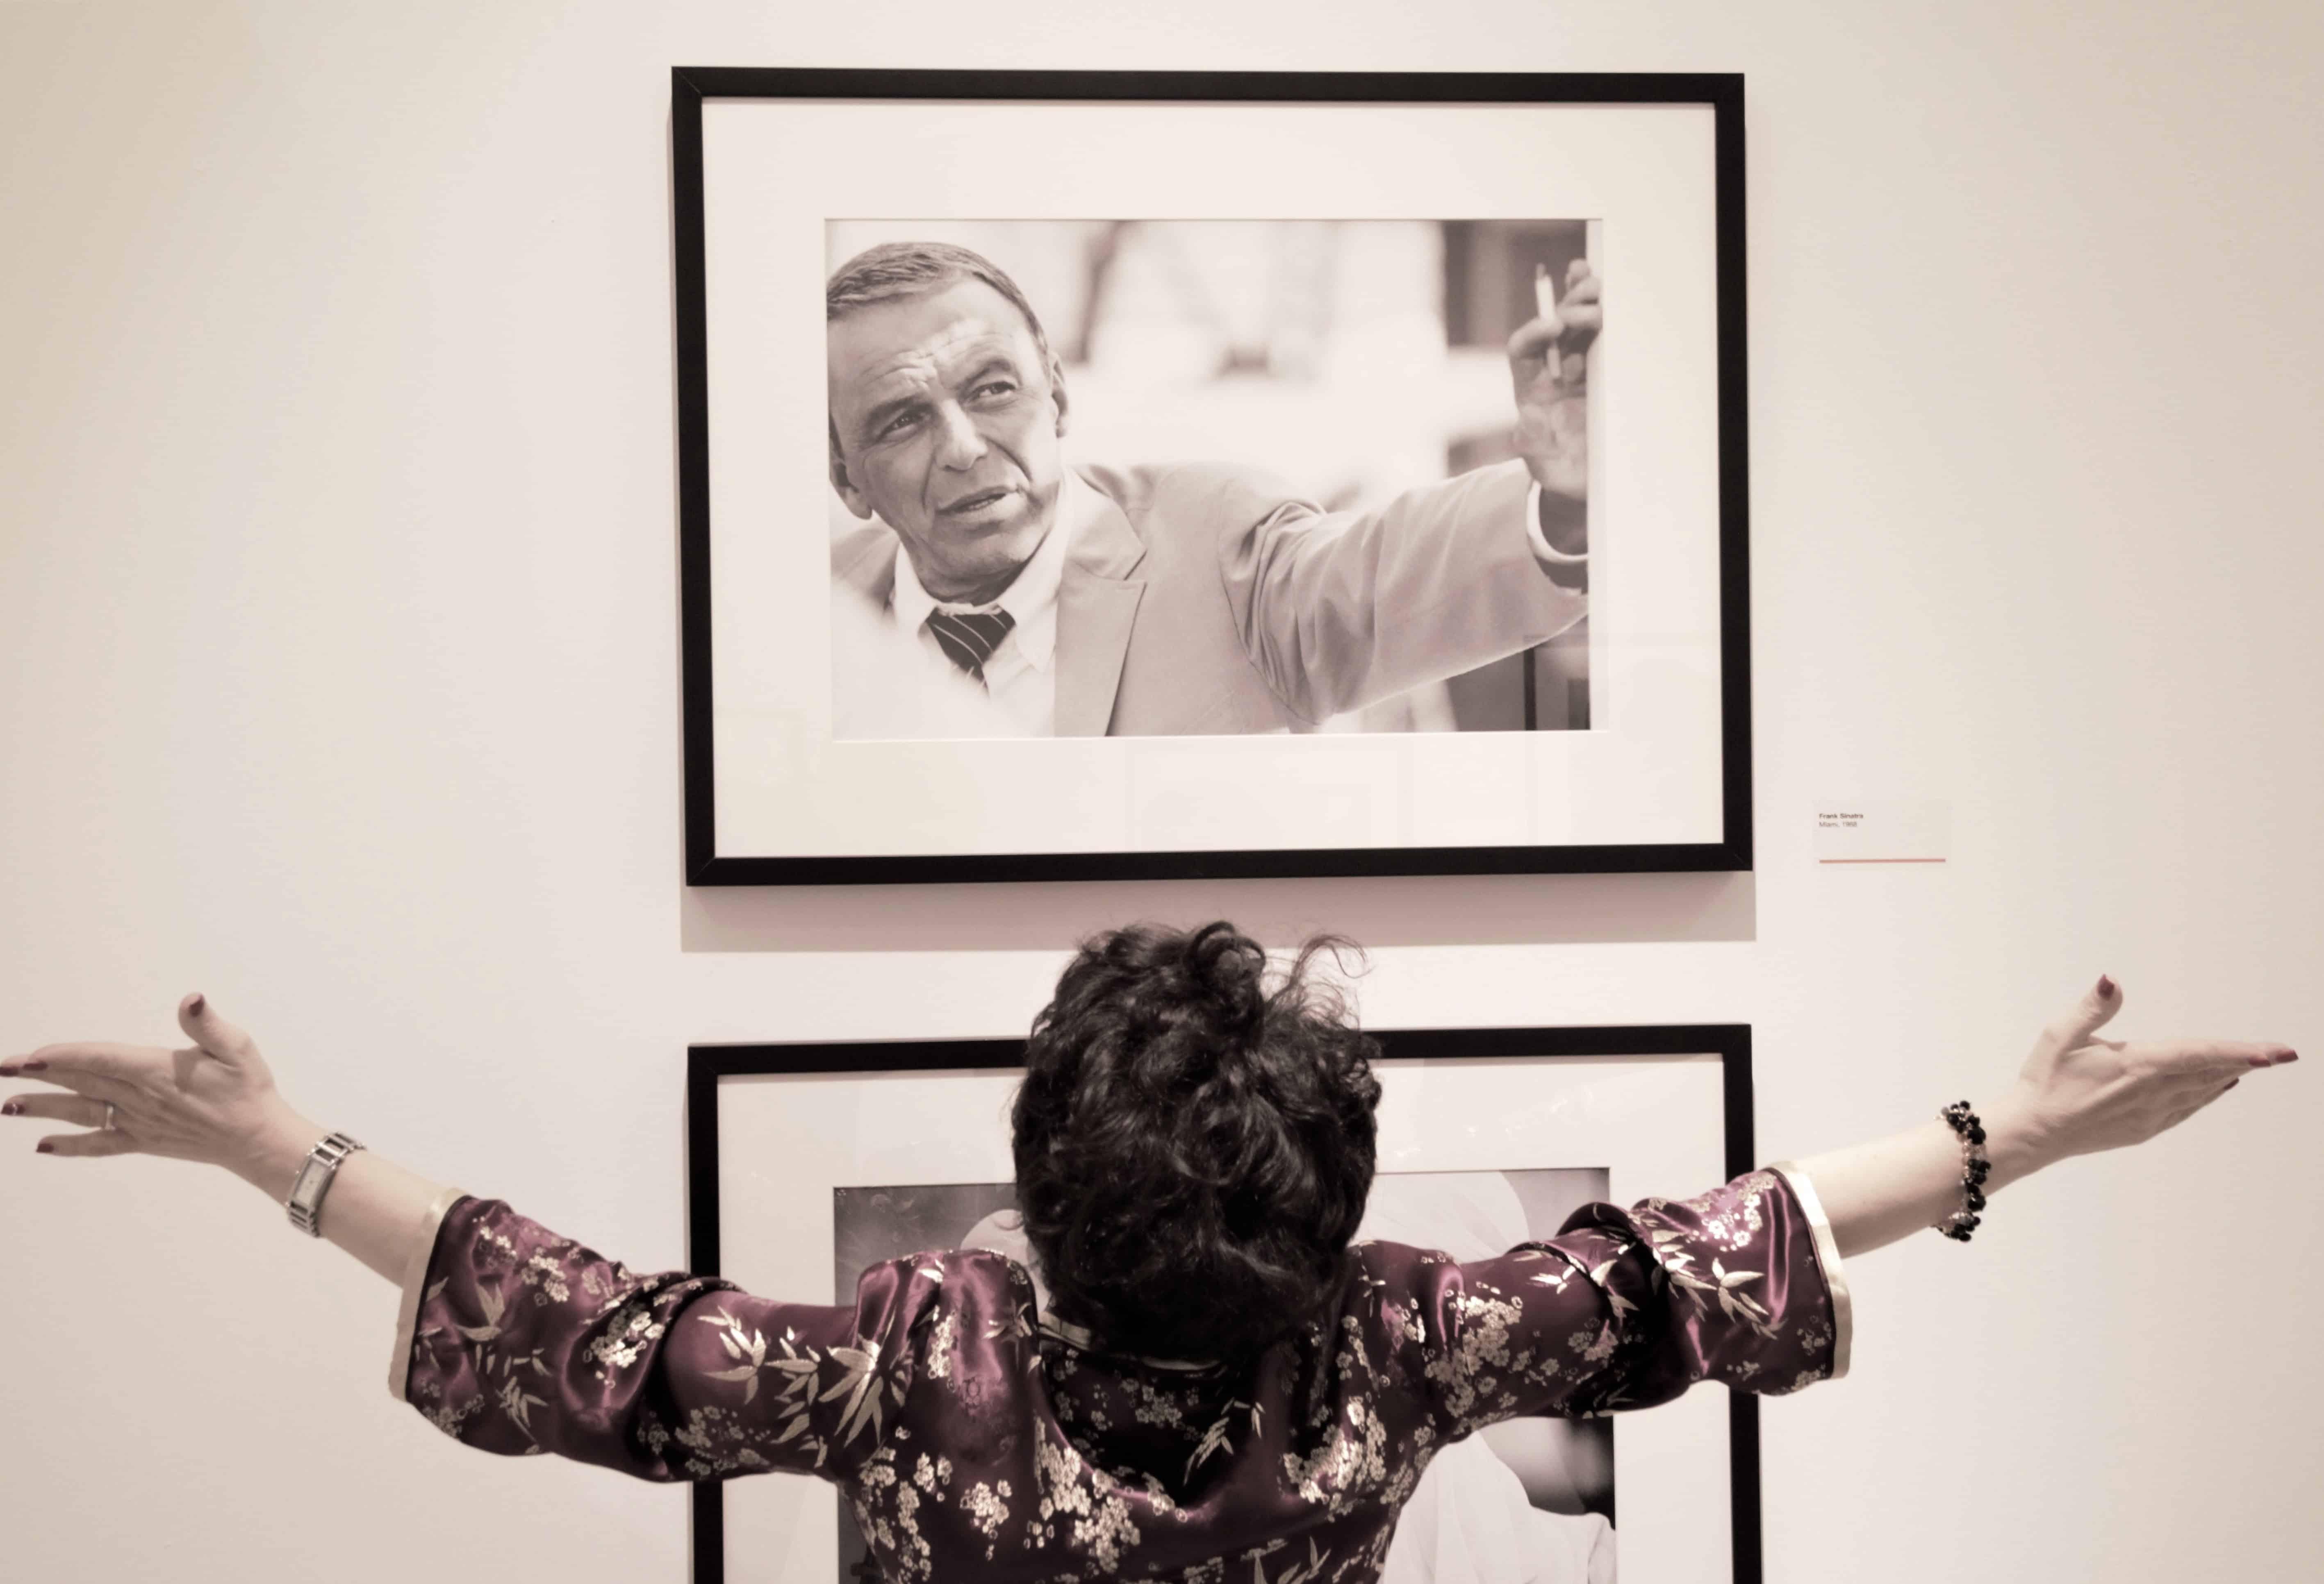 Stars, i migliori scatti di Terry O'Neill al Magazzino delle Idee a Trieste